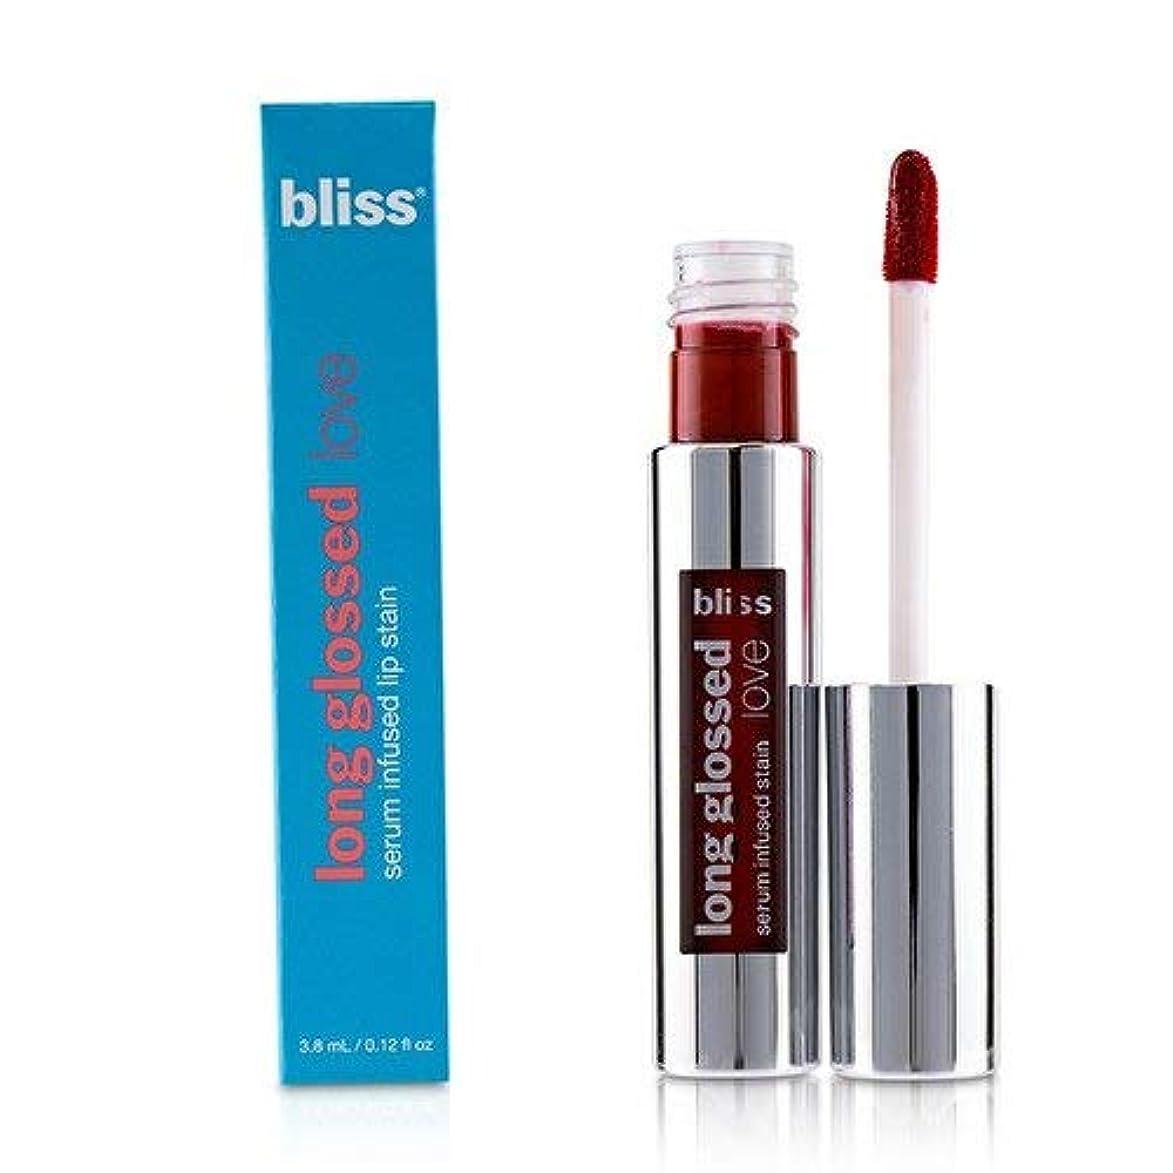 脳気絶させる南アメリカブリス Long Glossed Love Serum Infused Lip Satin - # Red Hot Moma 3.8ml/0.12oz並行輸入品